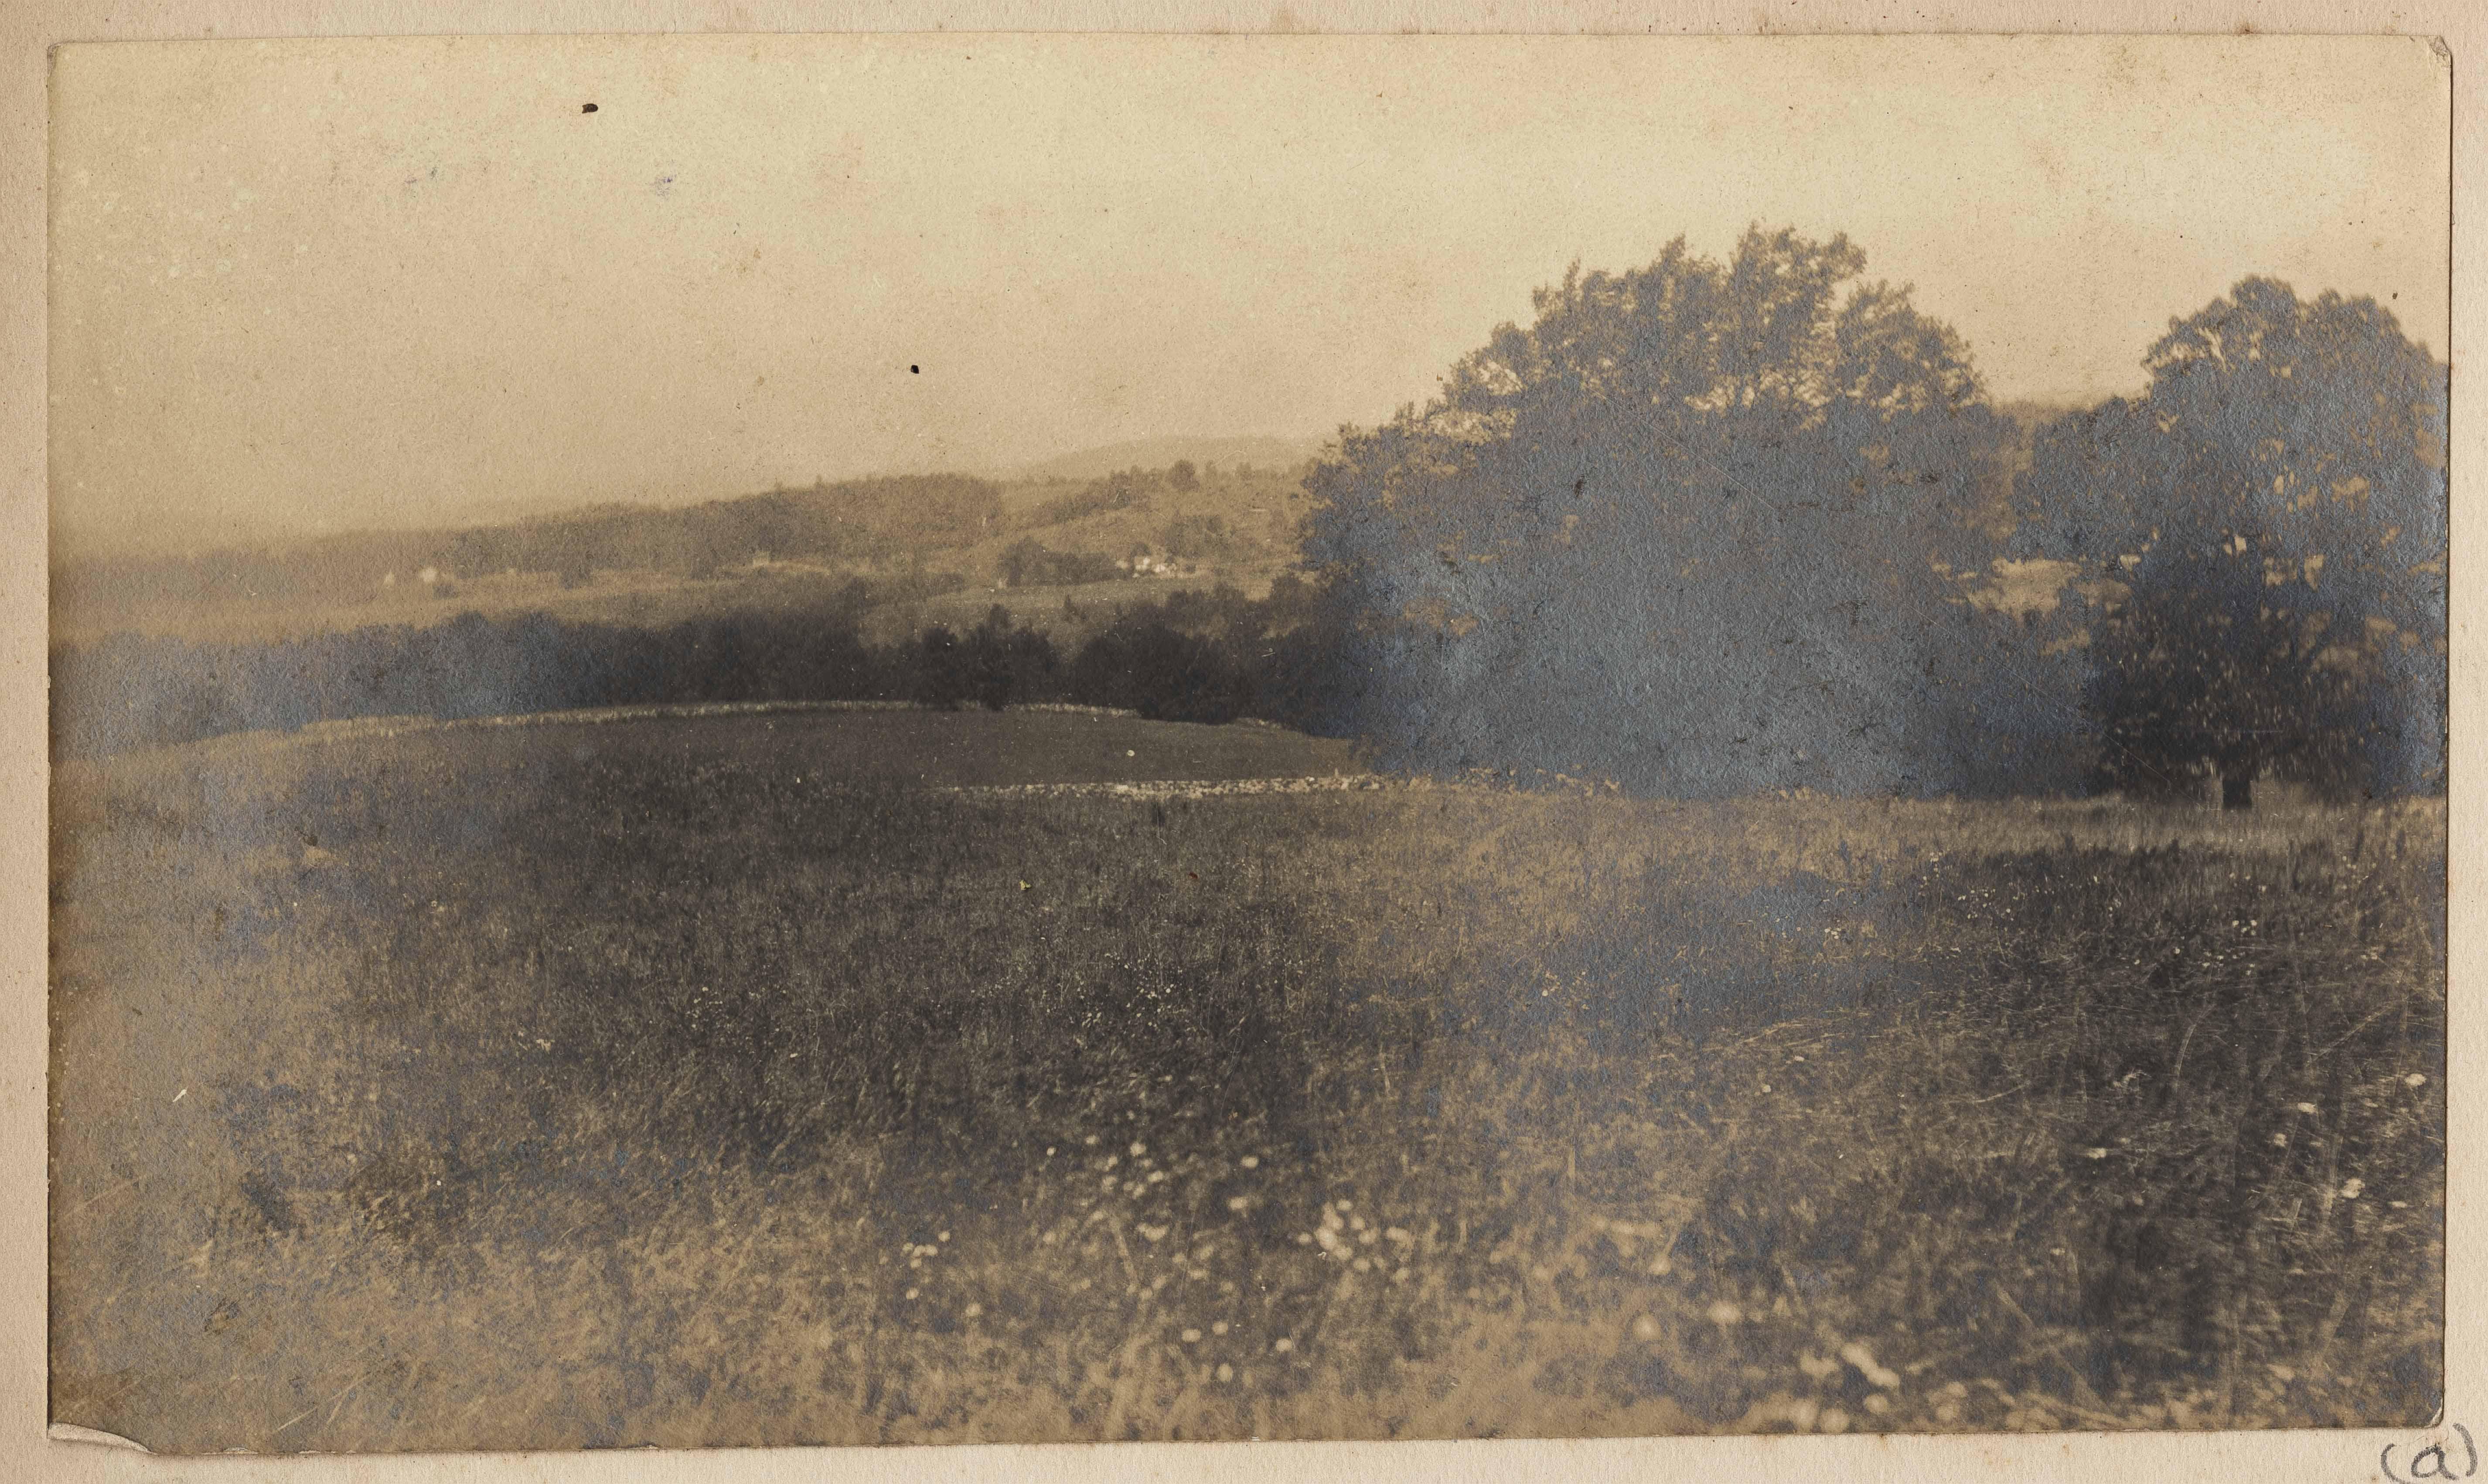 Unidentified field